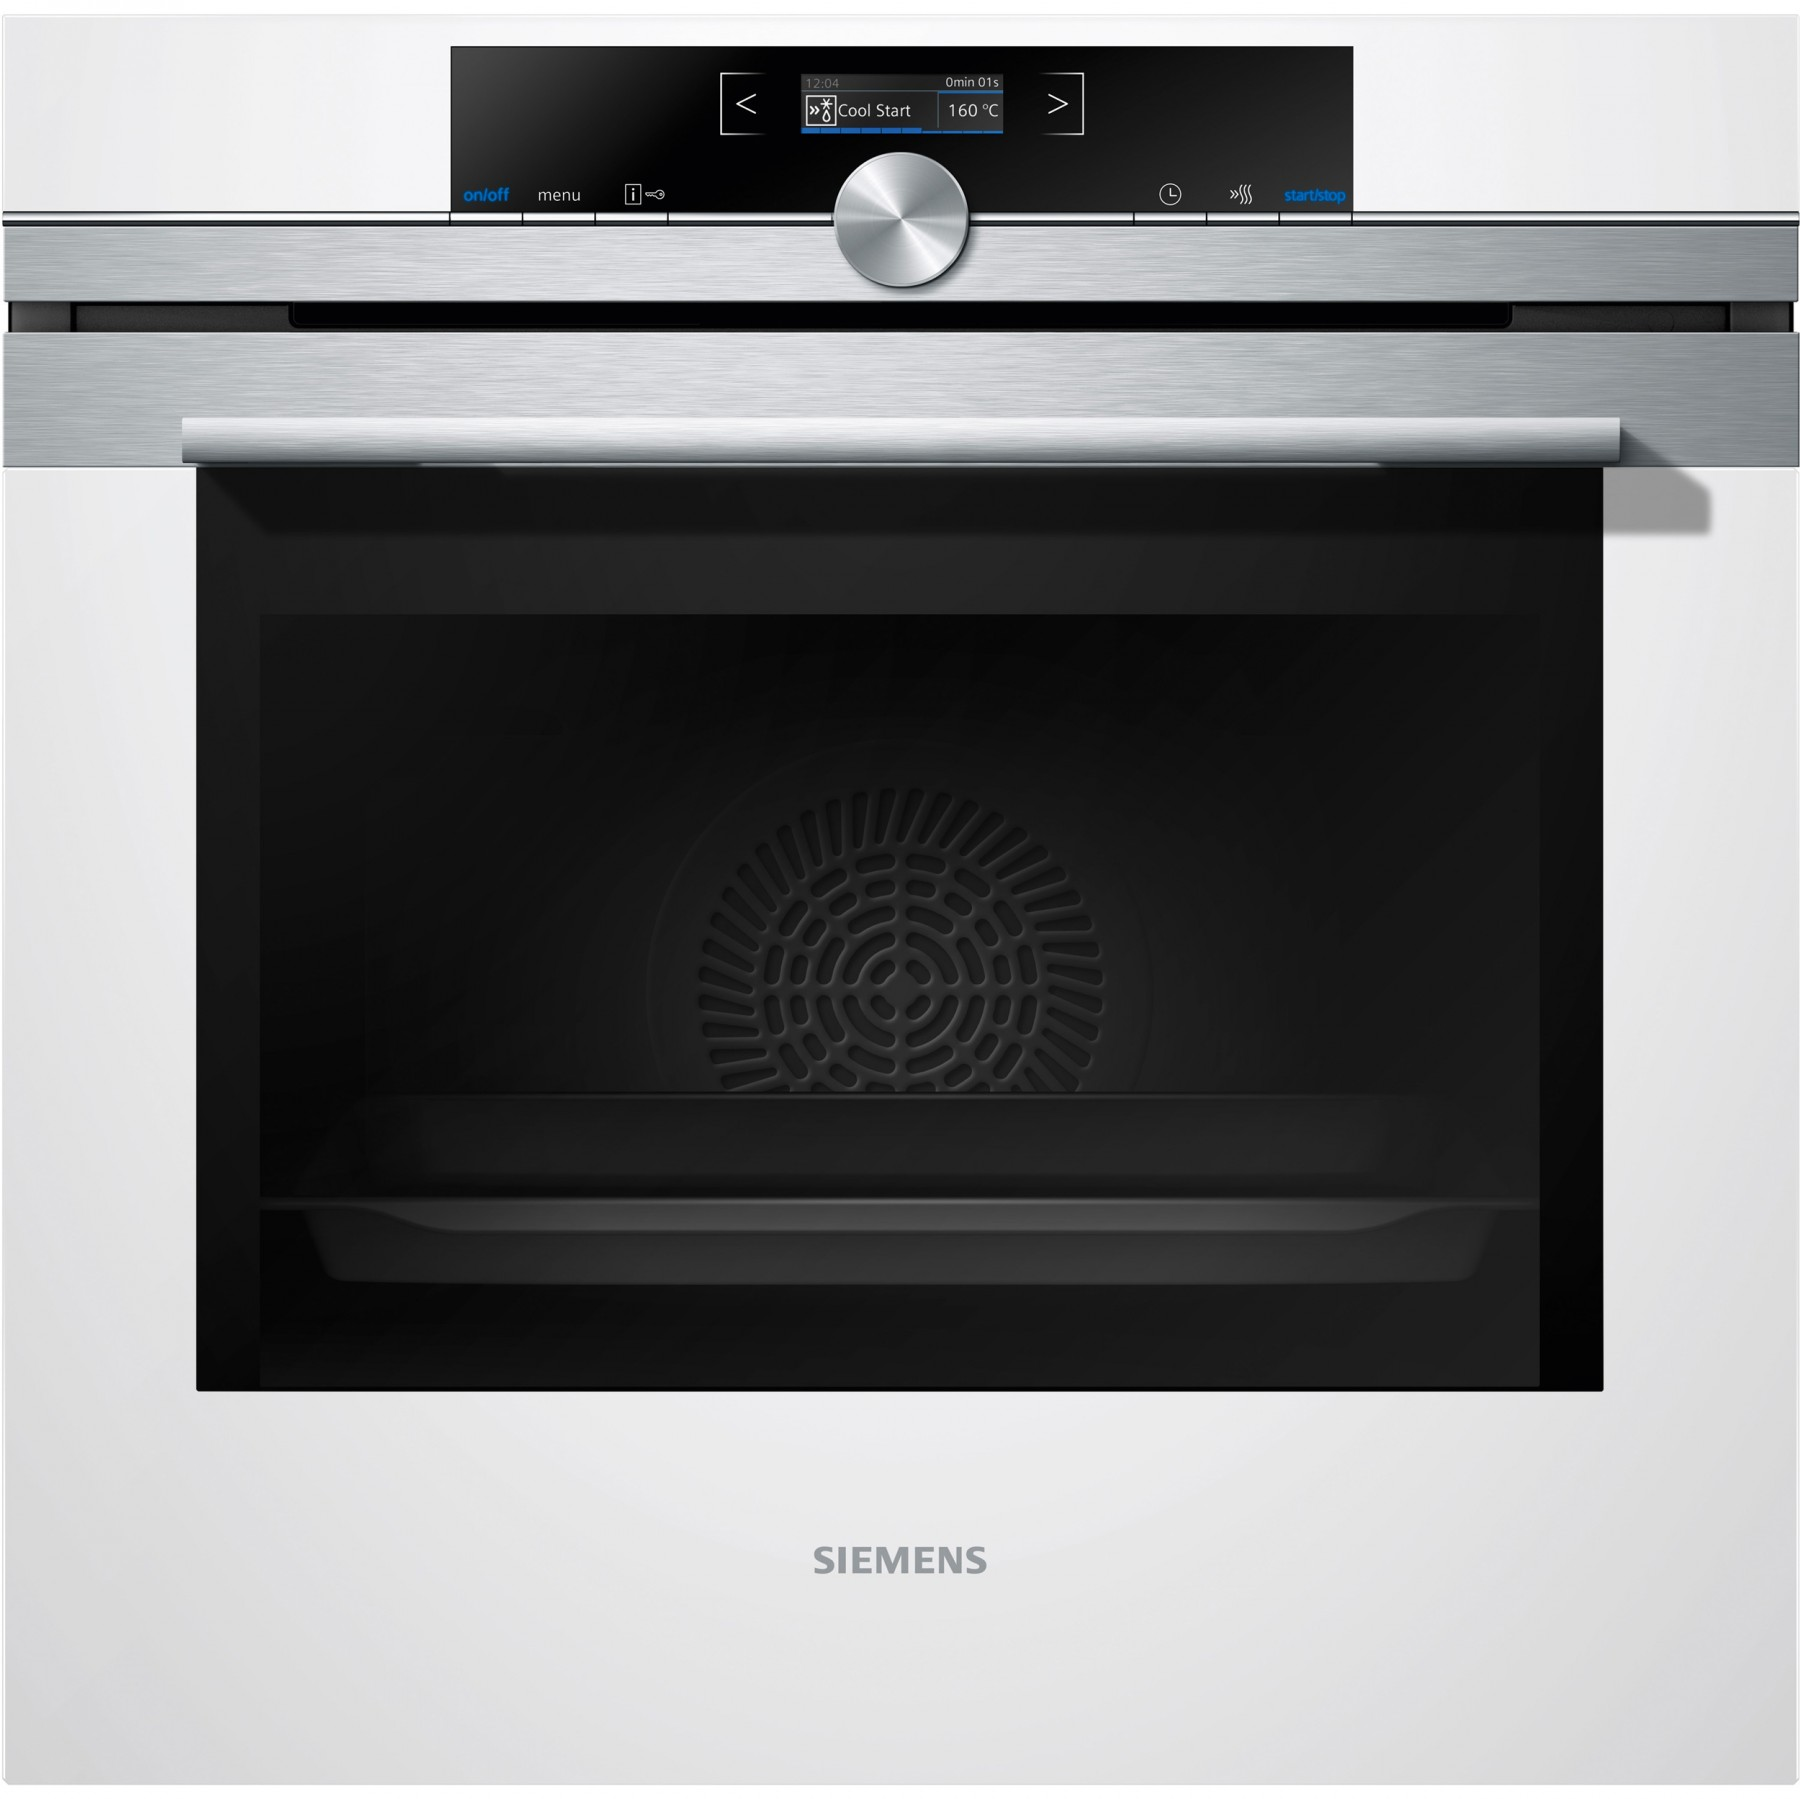 תנור אפייה Siemens HB634GBW1 סימנס